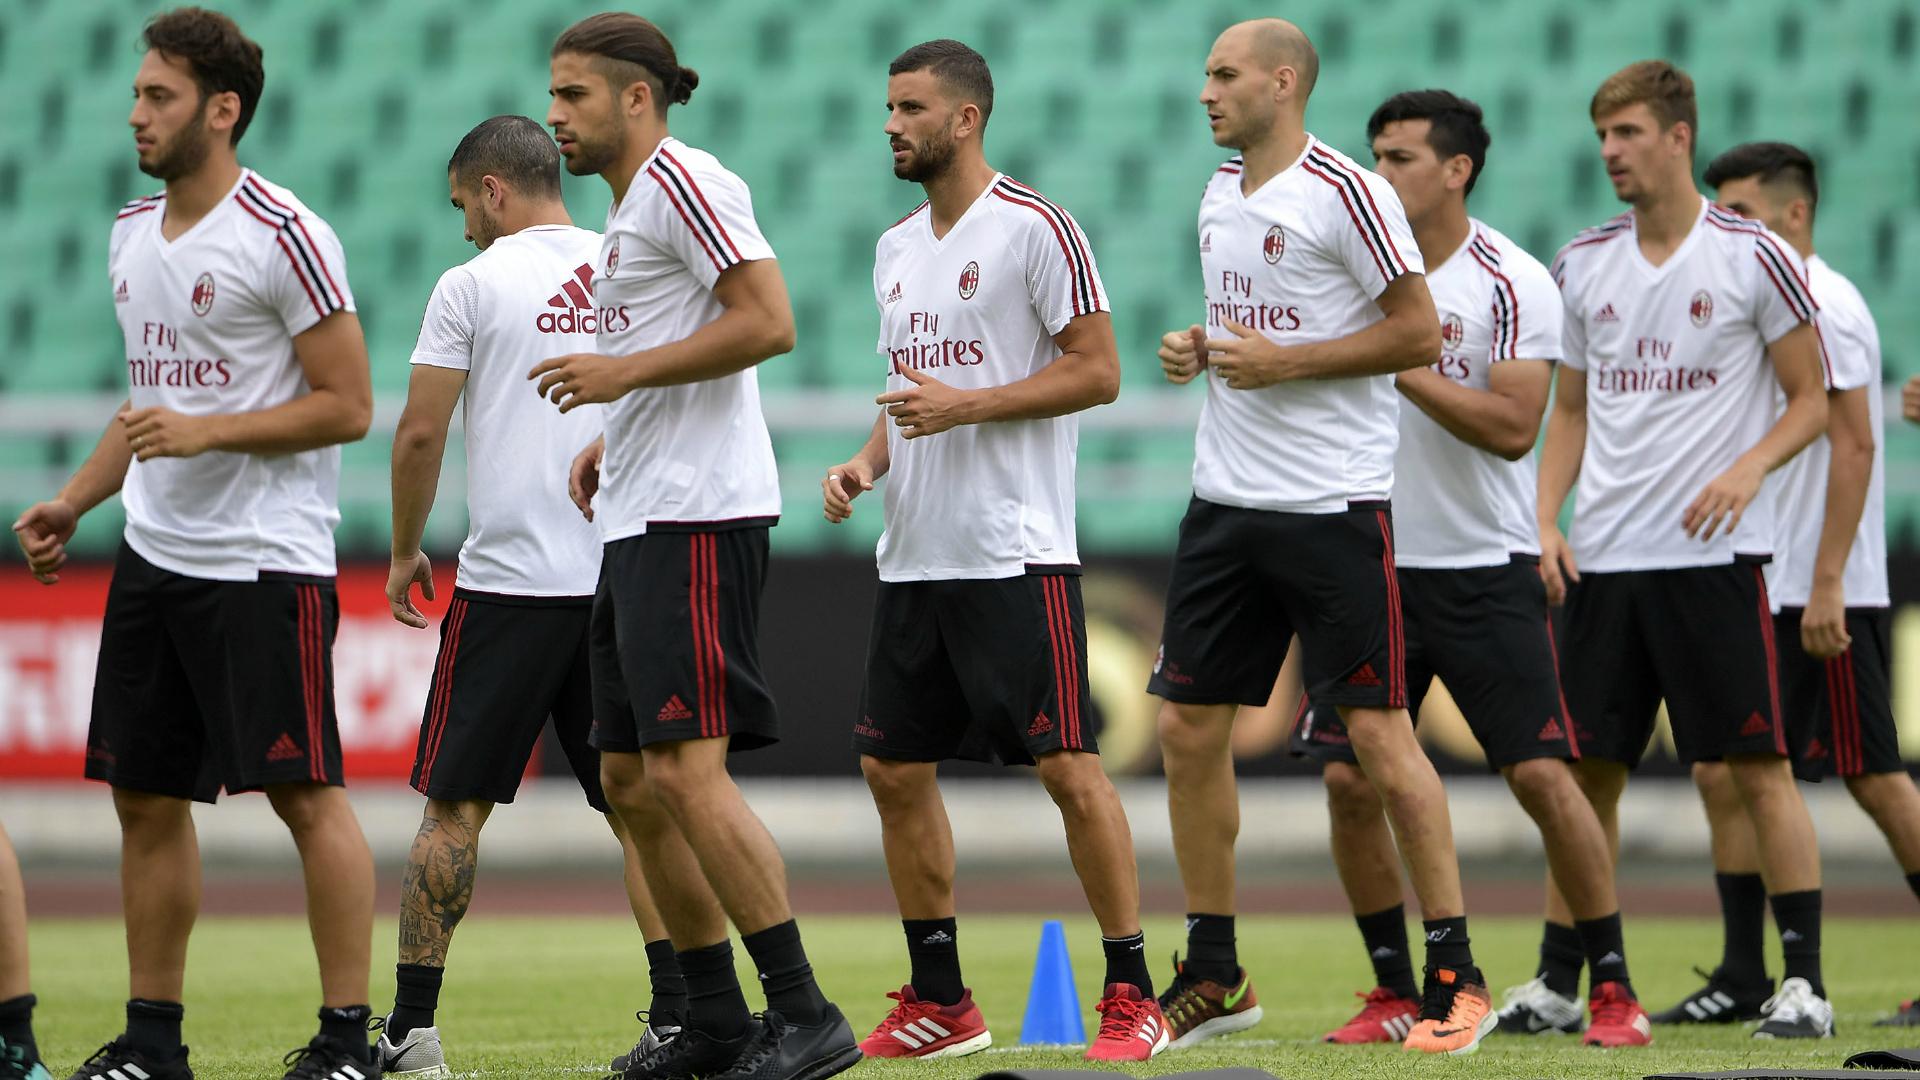 Milan training